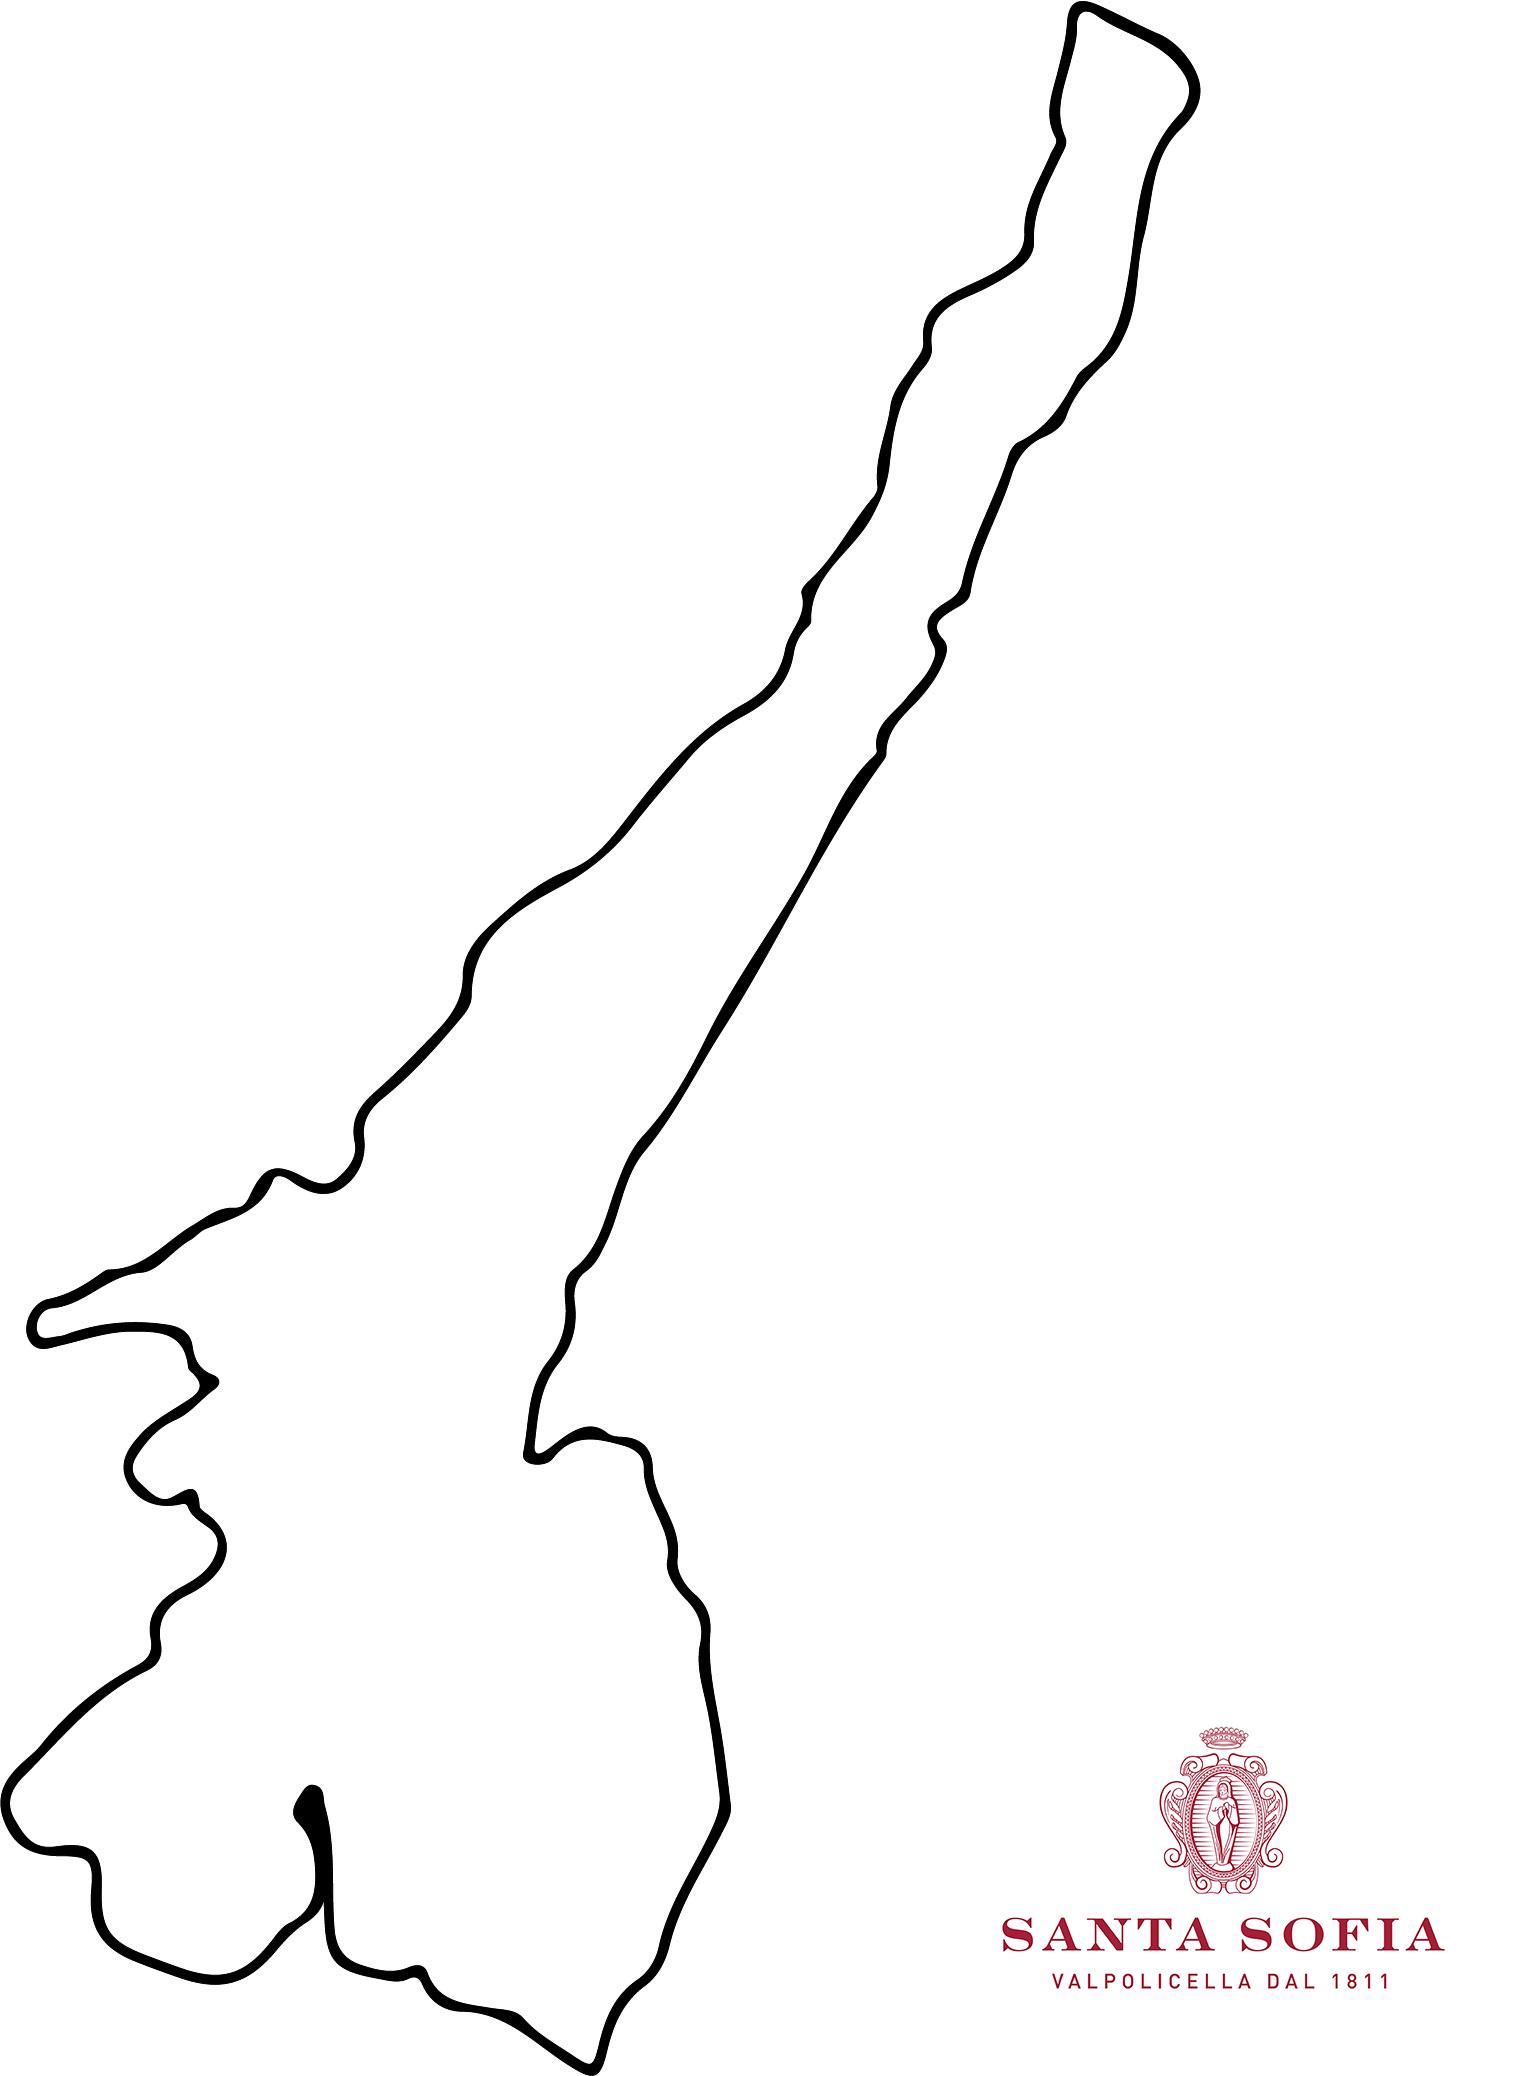 s.sofia-mappa